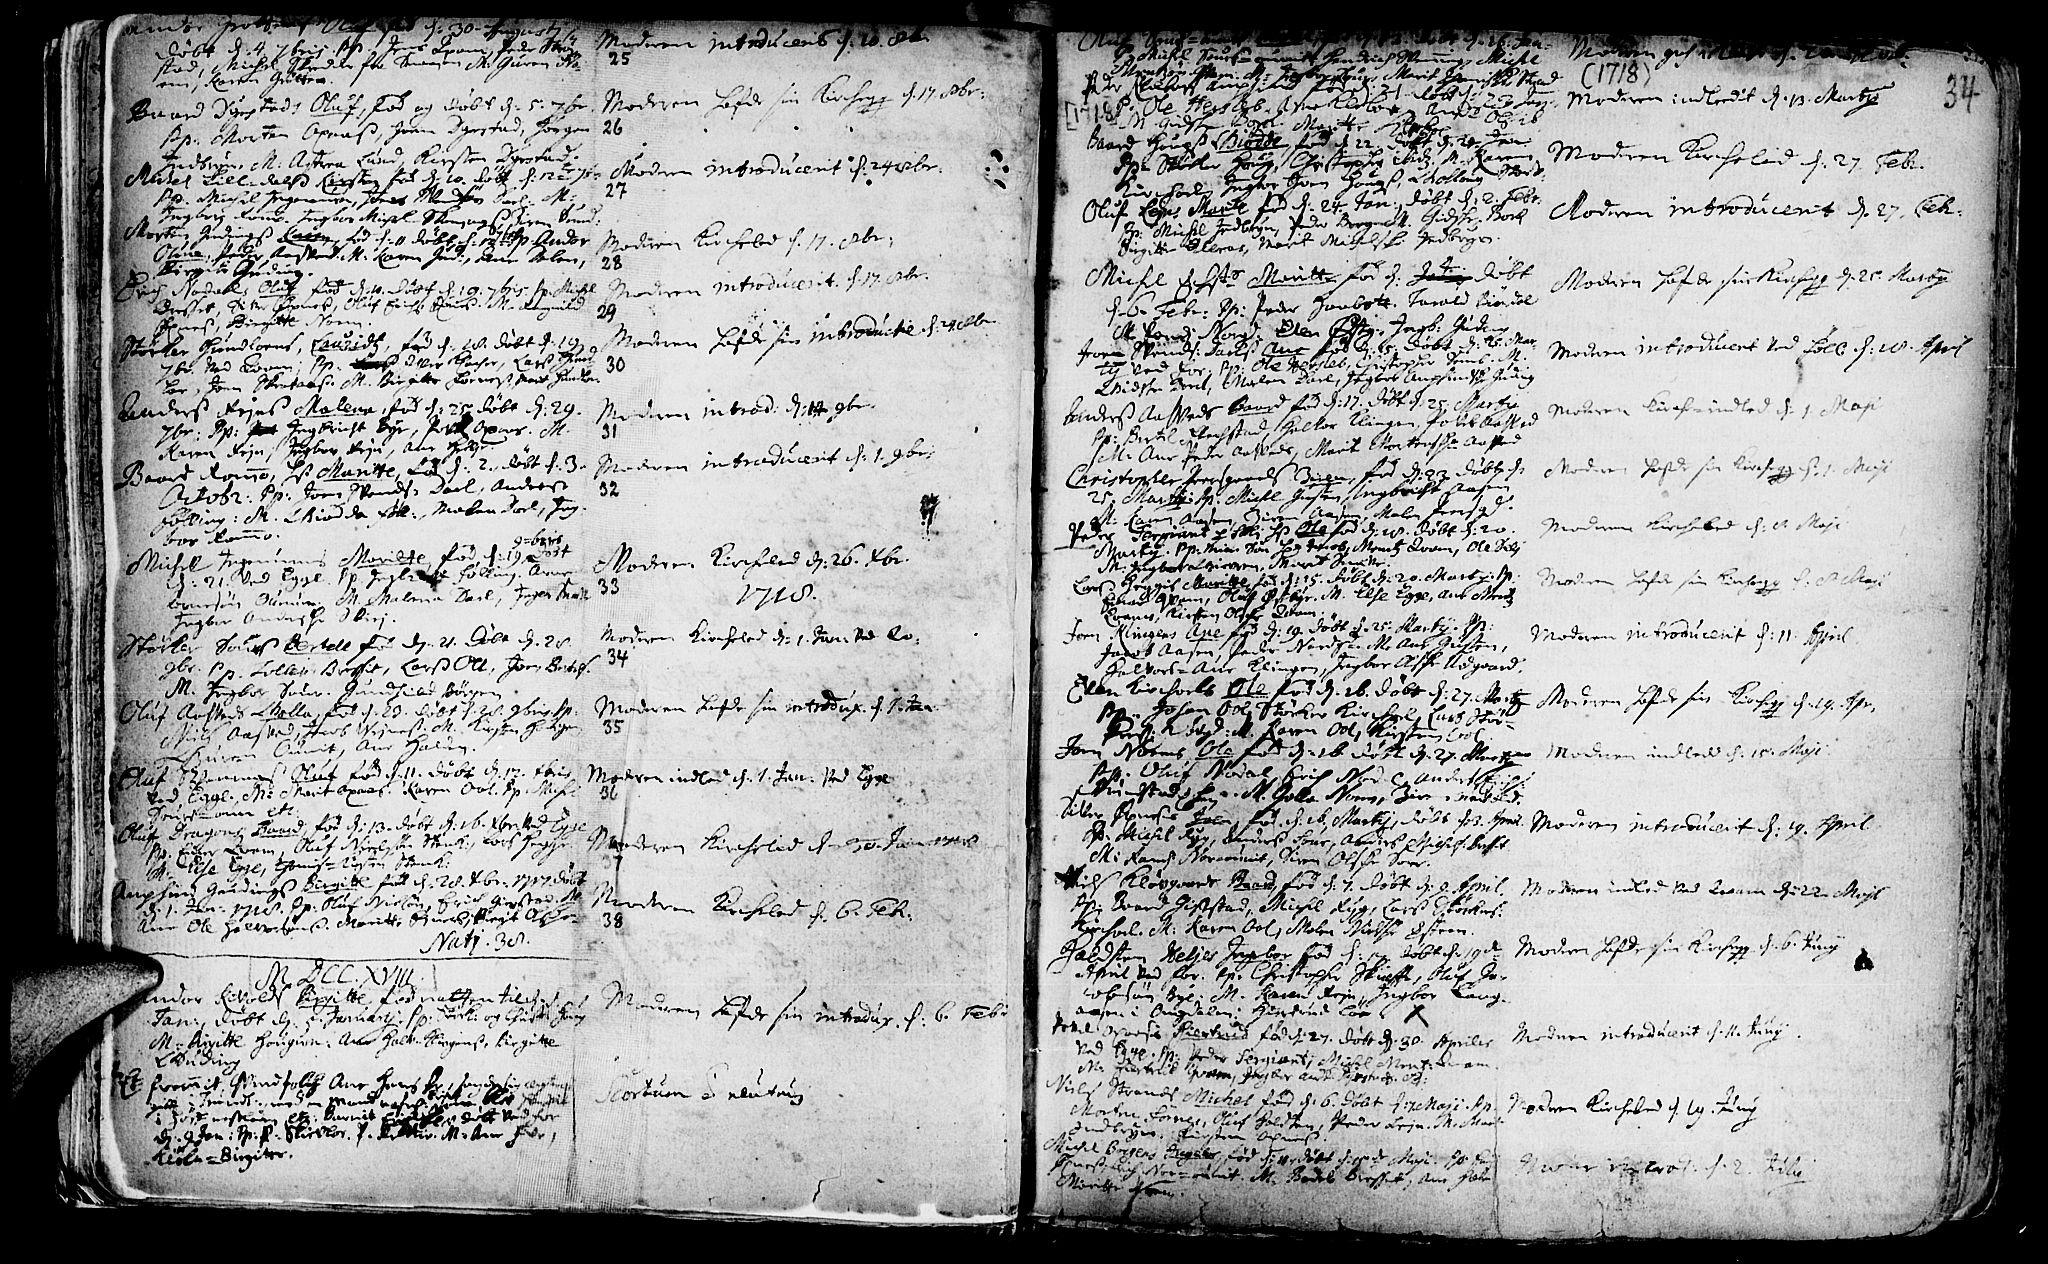 SAT, Ministerialprotokoller, klokkerbøker og fødselsregistre - Nord-Trøndelag, 746/L0439: Ministerialbok nr. 746A01, 1688-1759, s. 34